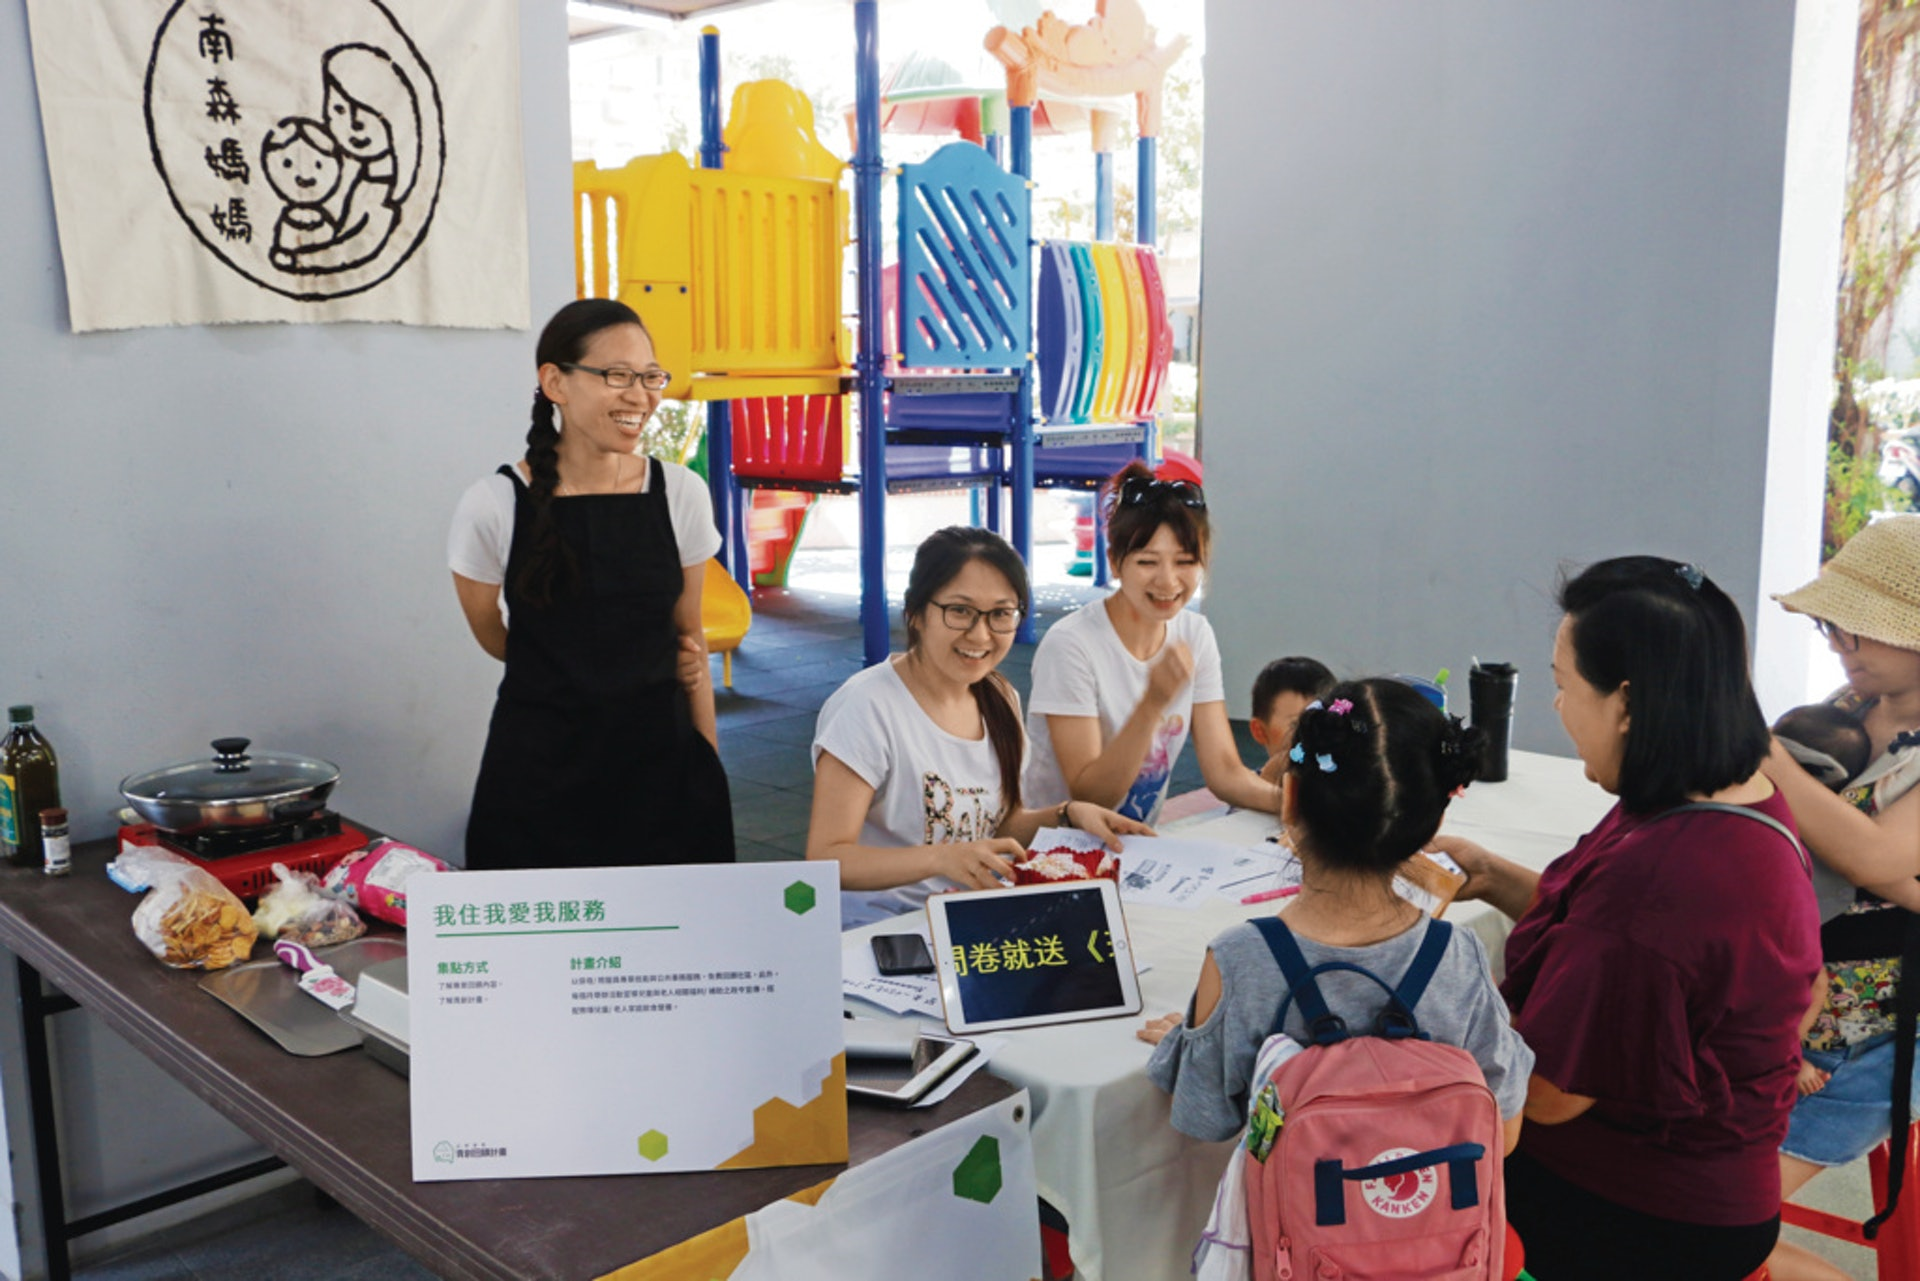 台北市政府舉行健康公宅青創計畫博覽會推廣青年居住政策,讓有能力且願意回饋社區的青年能優先選擇公宅單位。(杜晉軒攝)